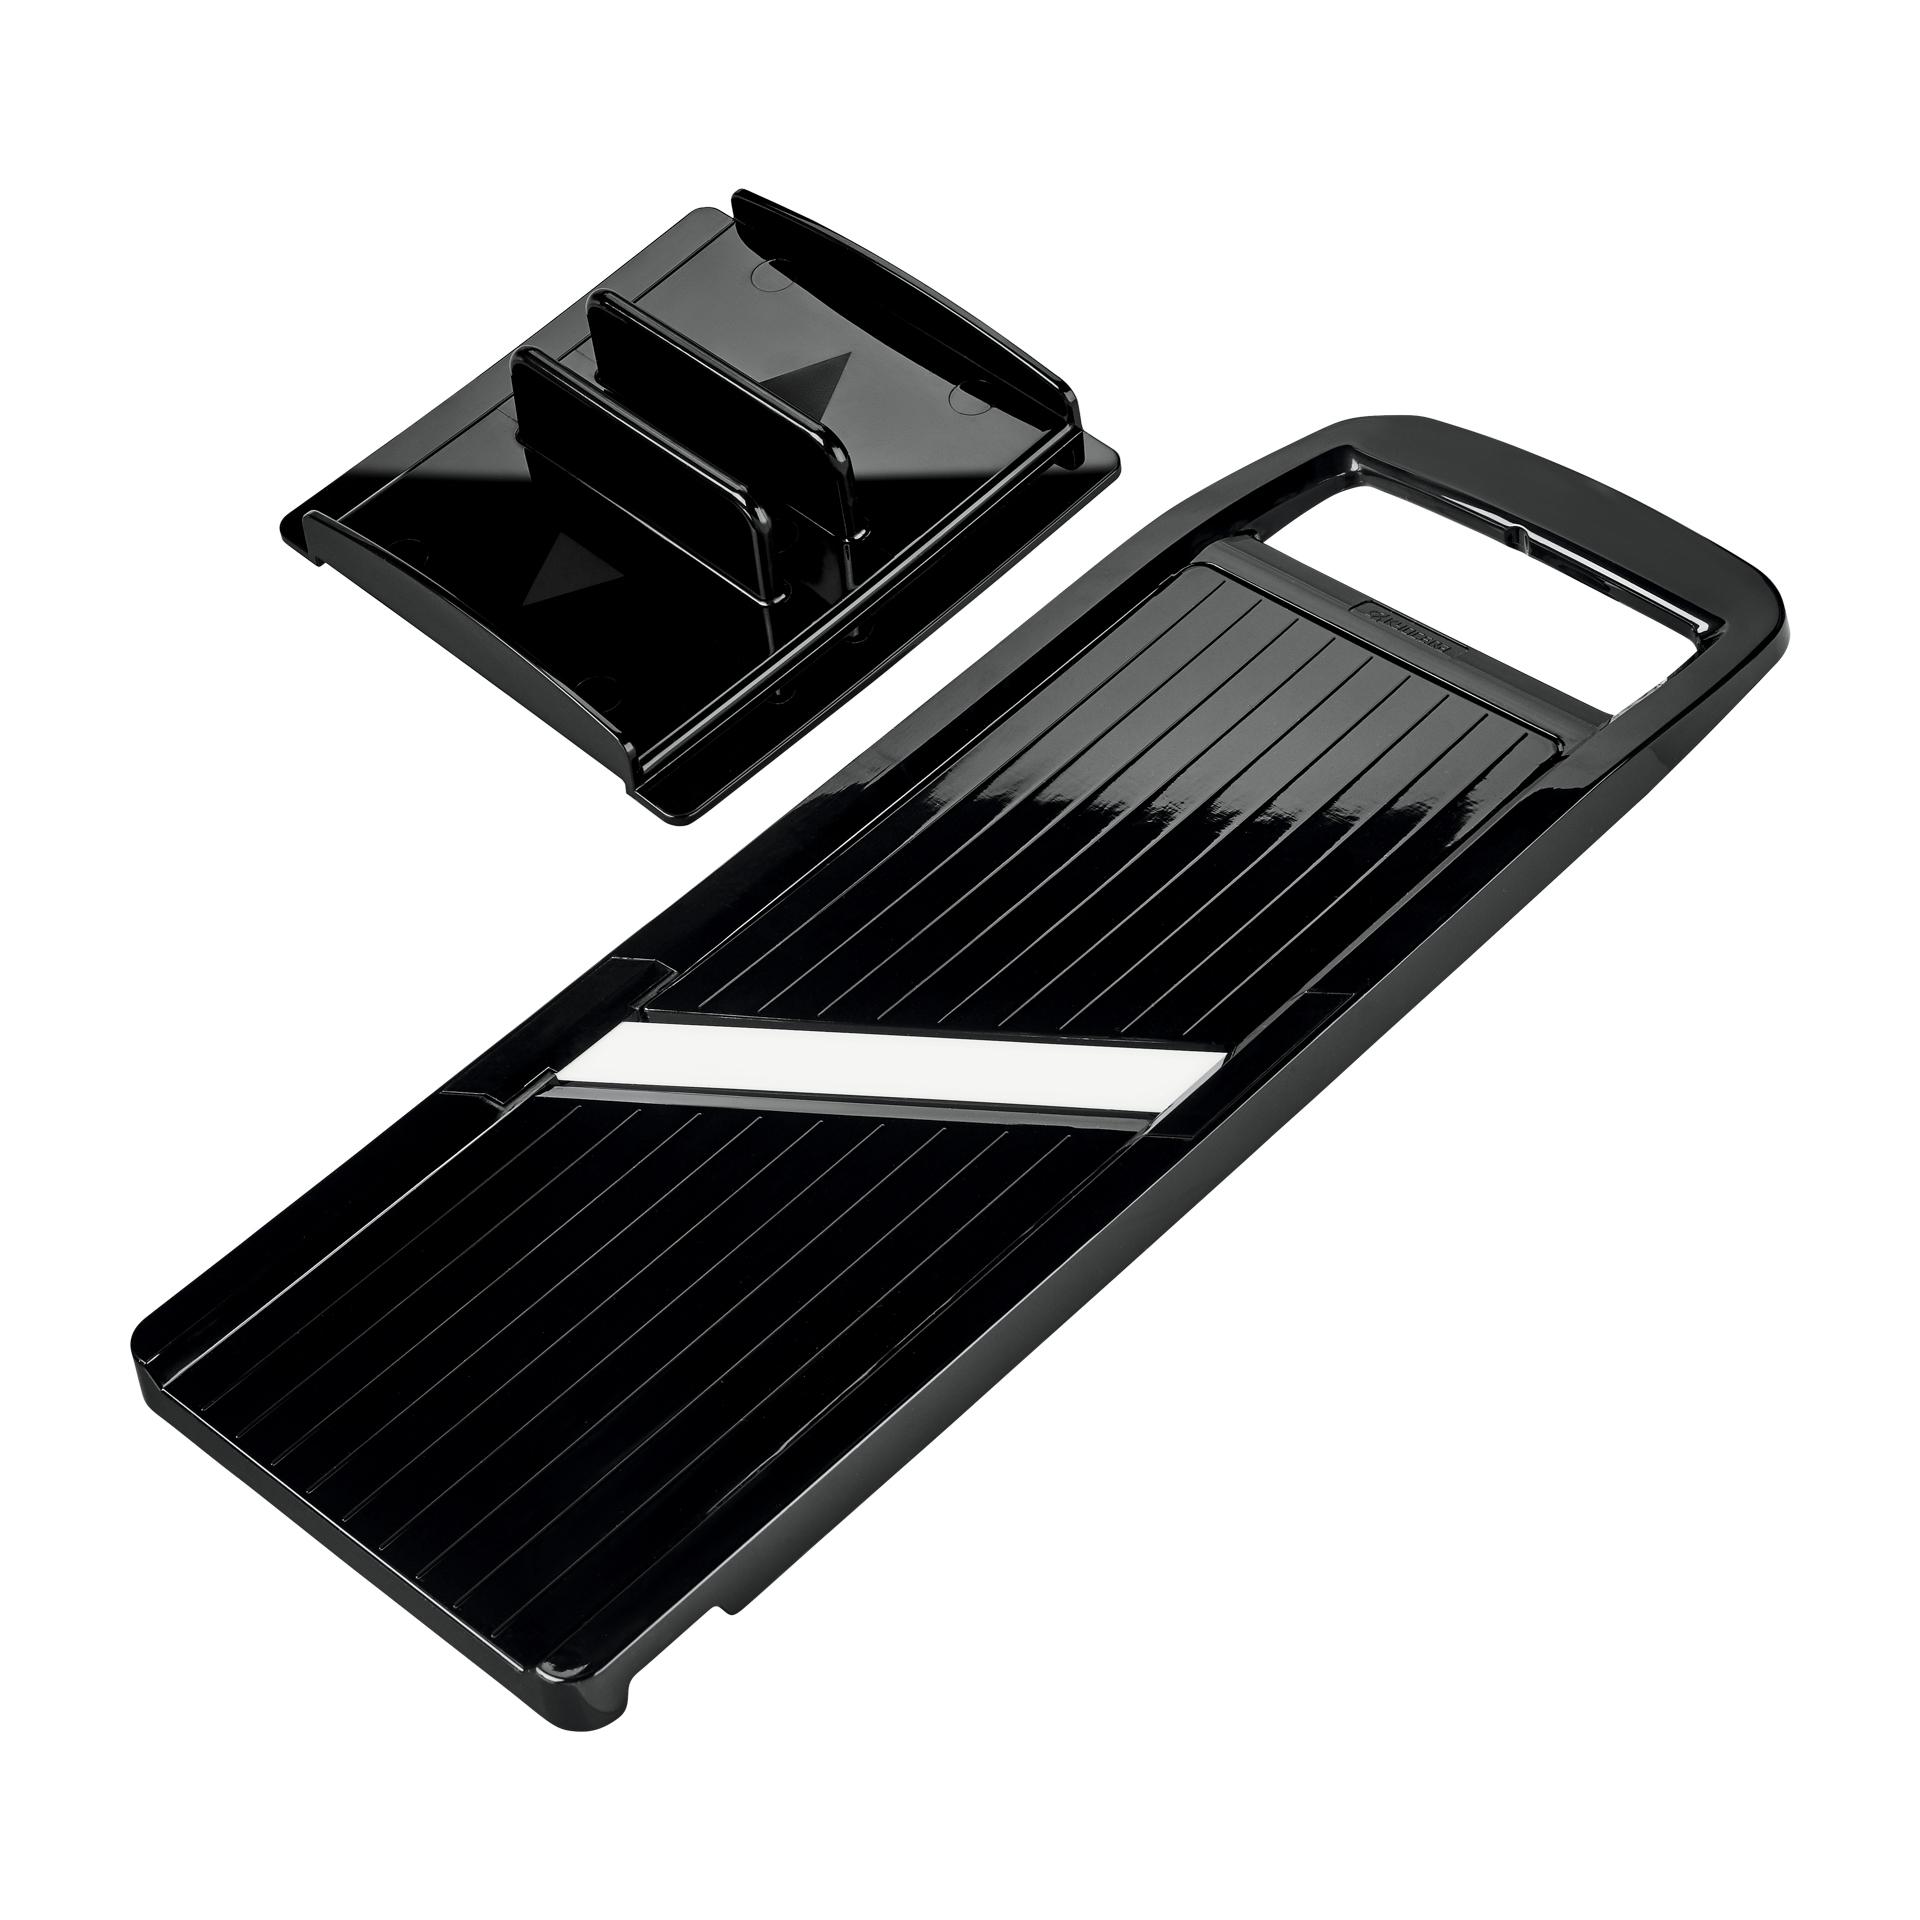 Picture of Wide Adjustable Mandoline Slicer - Black